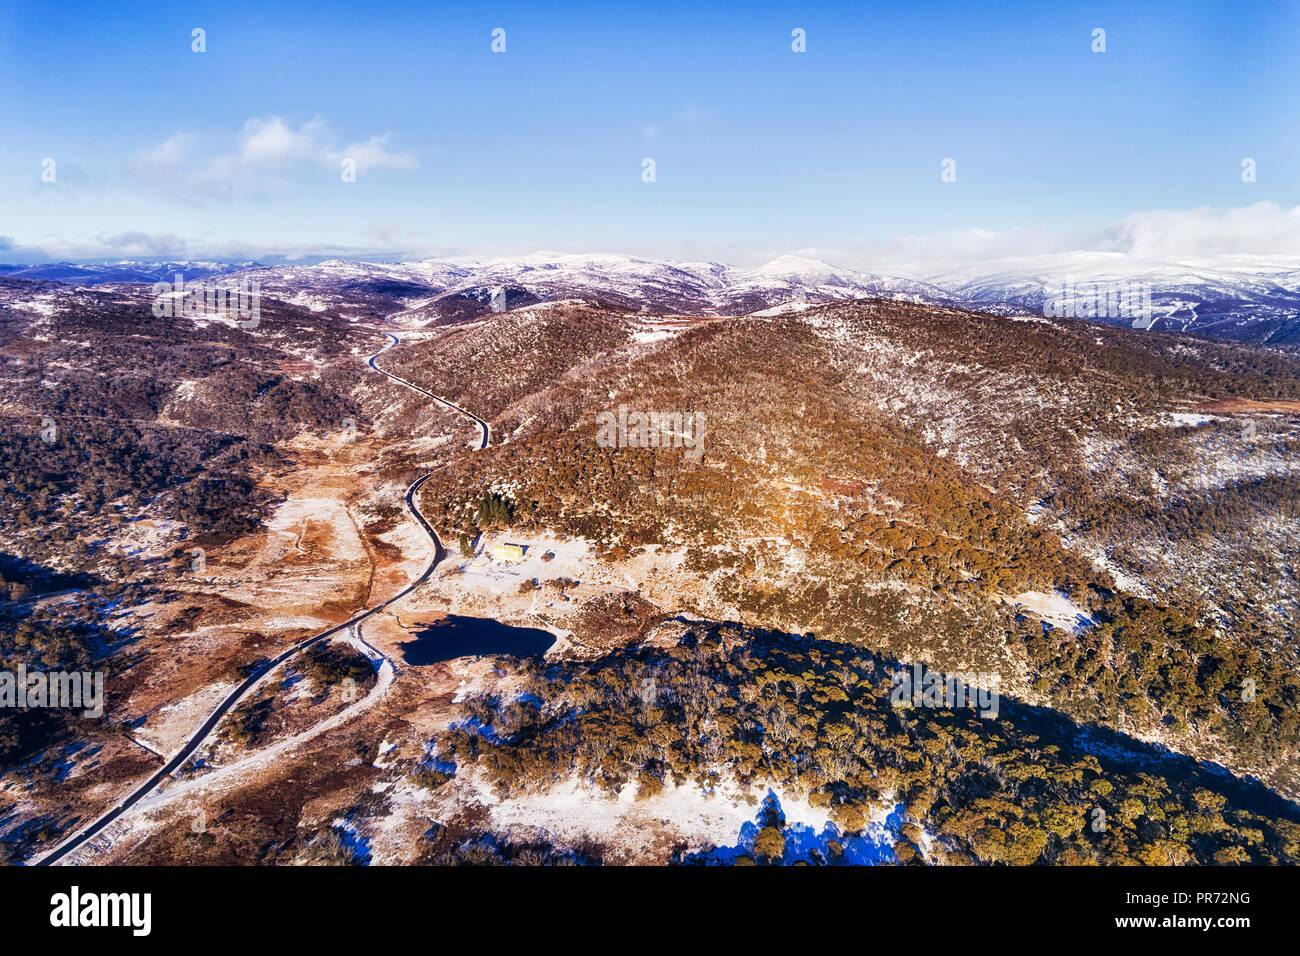 Les pics des montagnes lointaines couvertes par la neige blanche en hiver saison haute dans les montagnes enneigées de l'Australie - Ski et snowboard populaires resort de périr Photo Stock